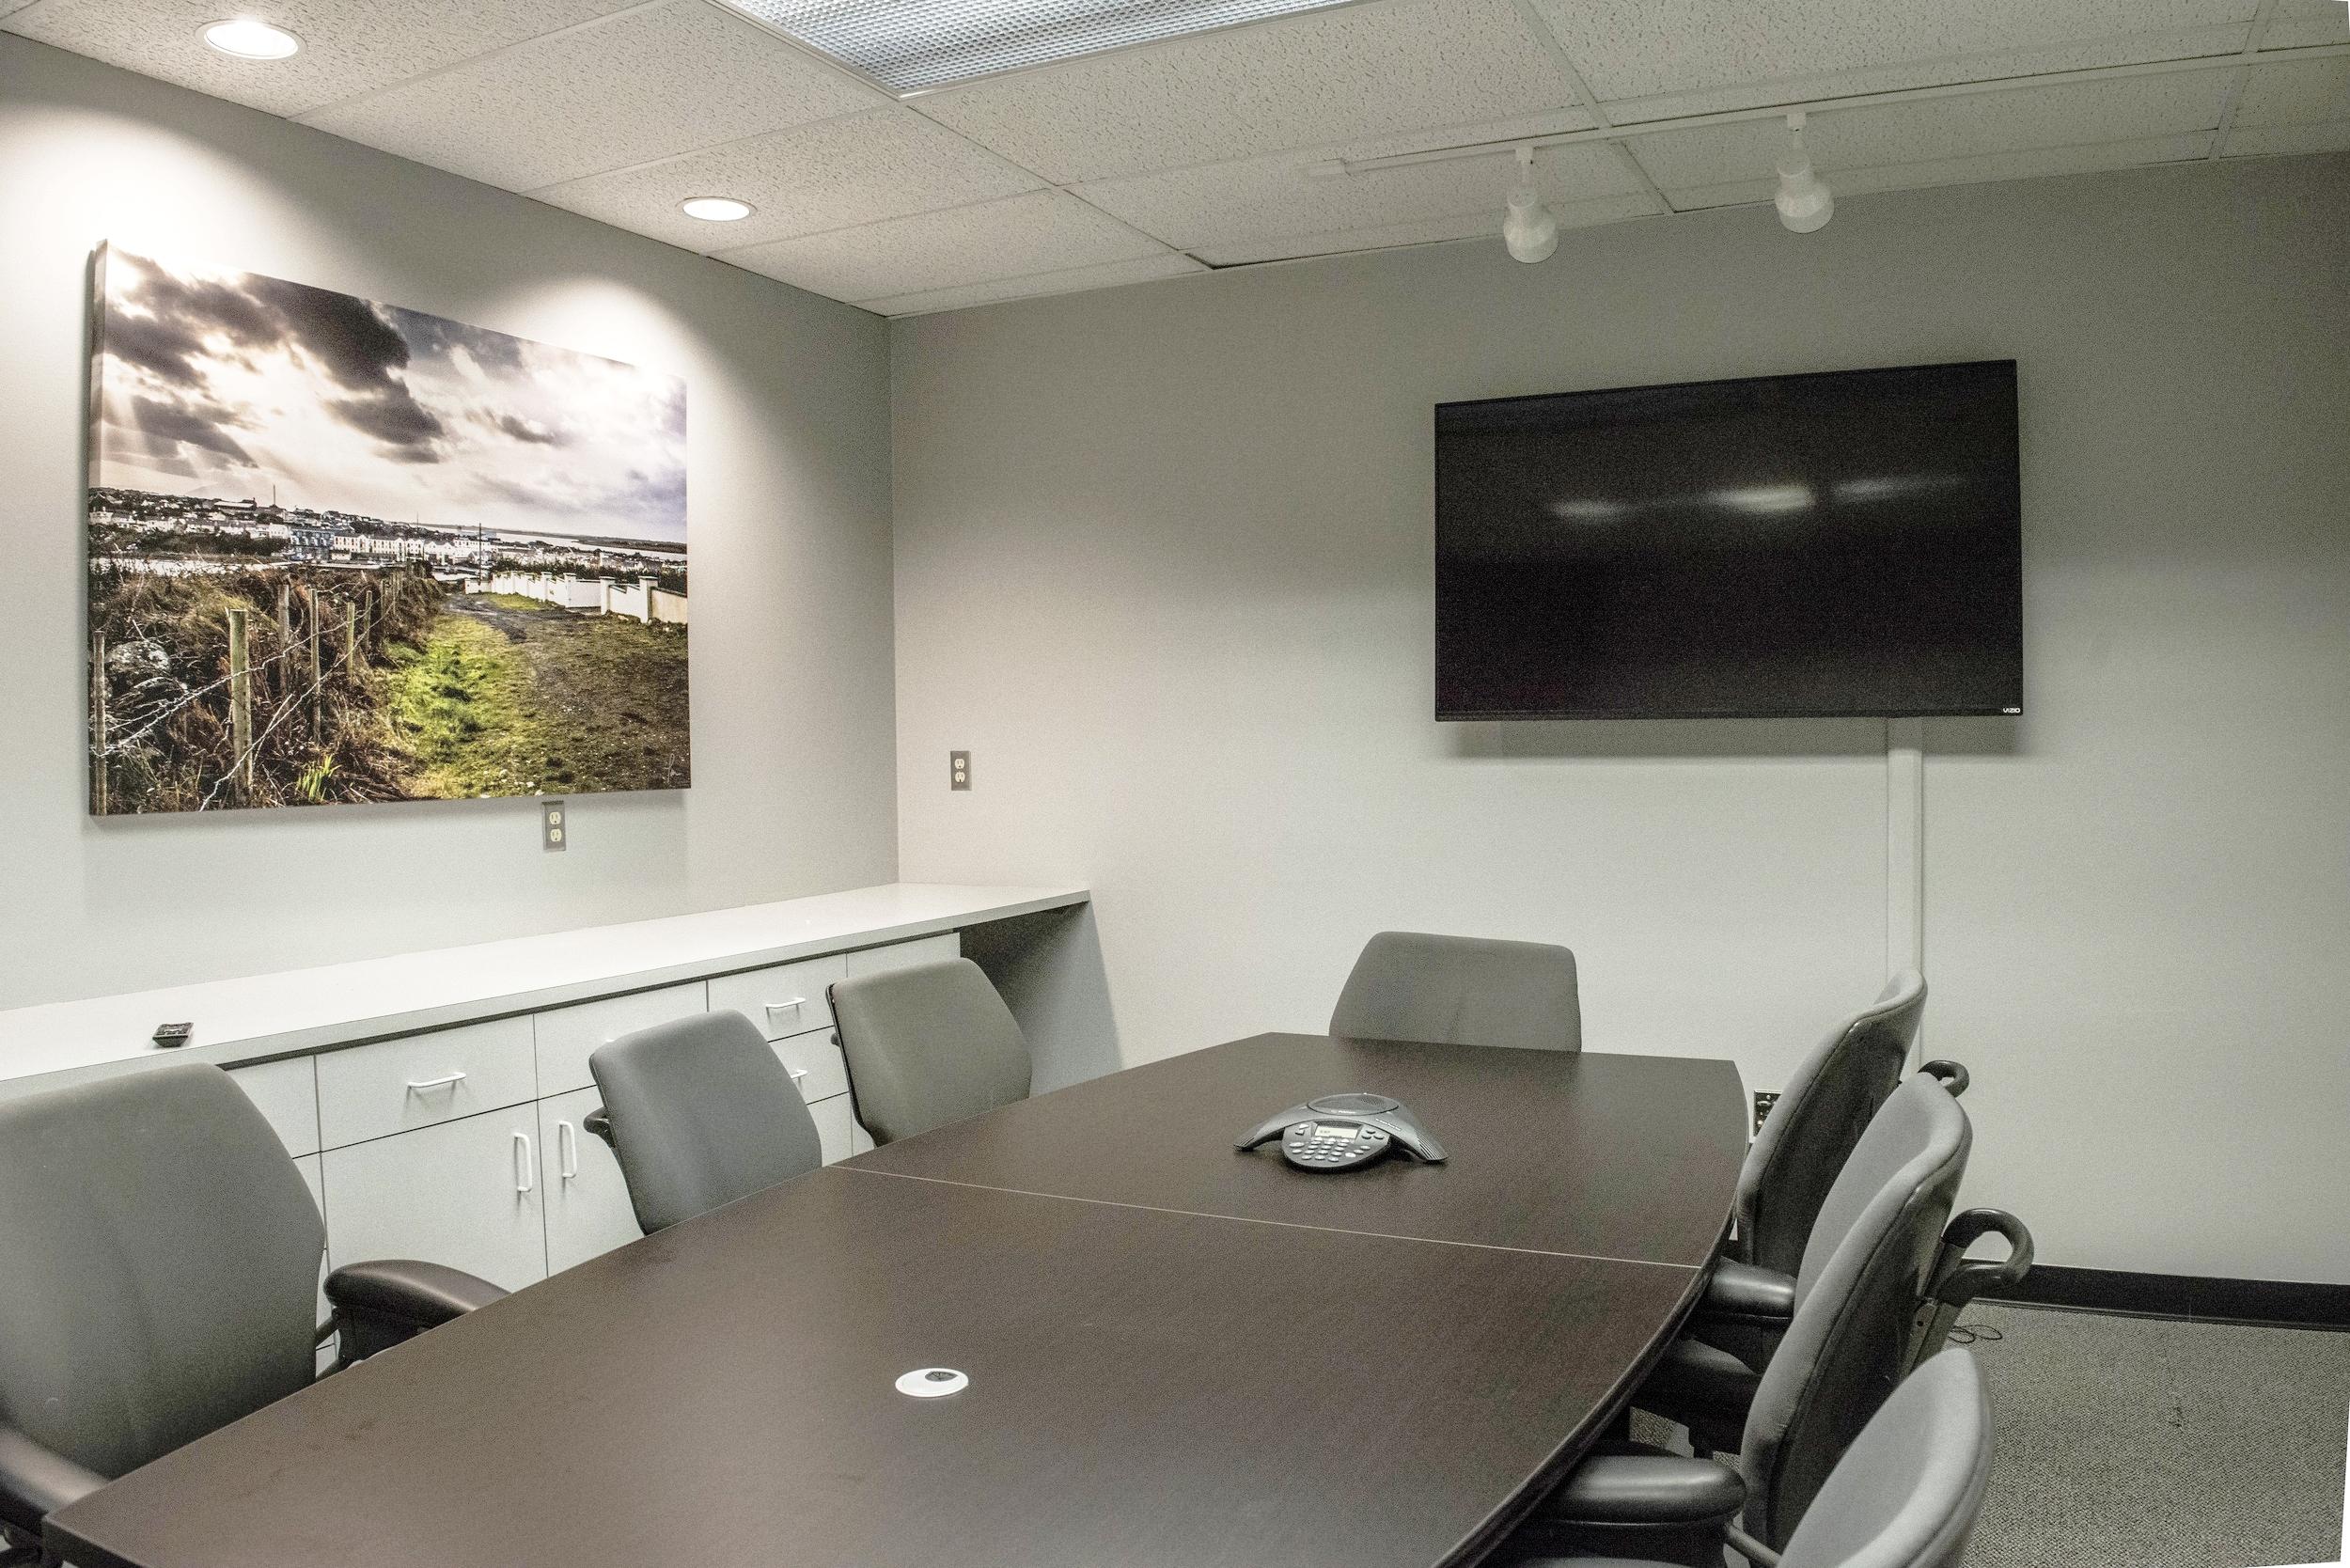 Meeting Rooms in Wisconsin